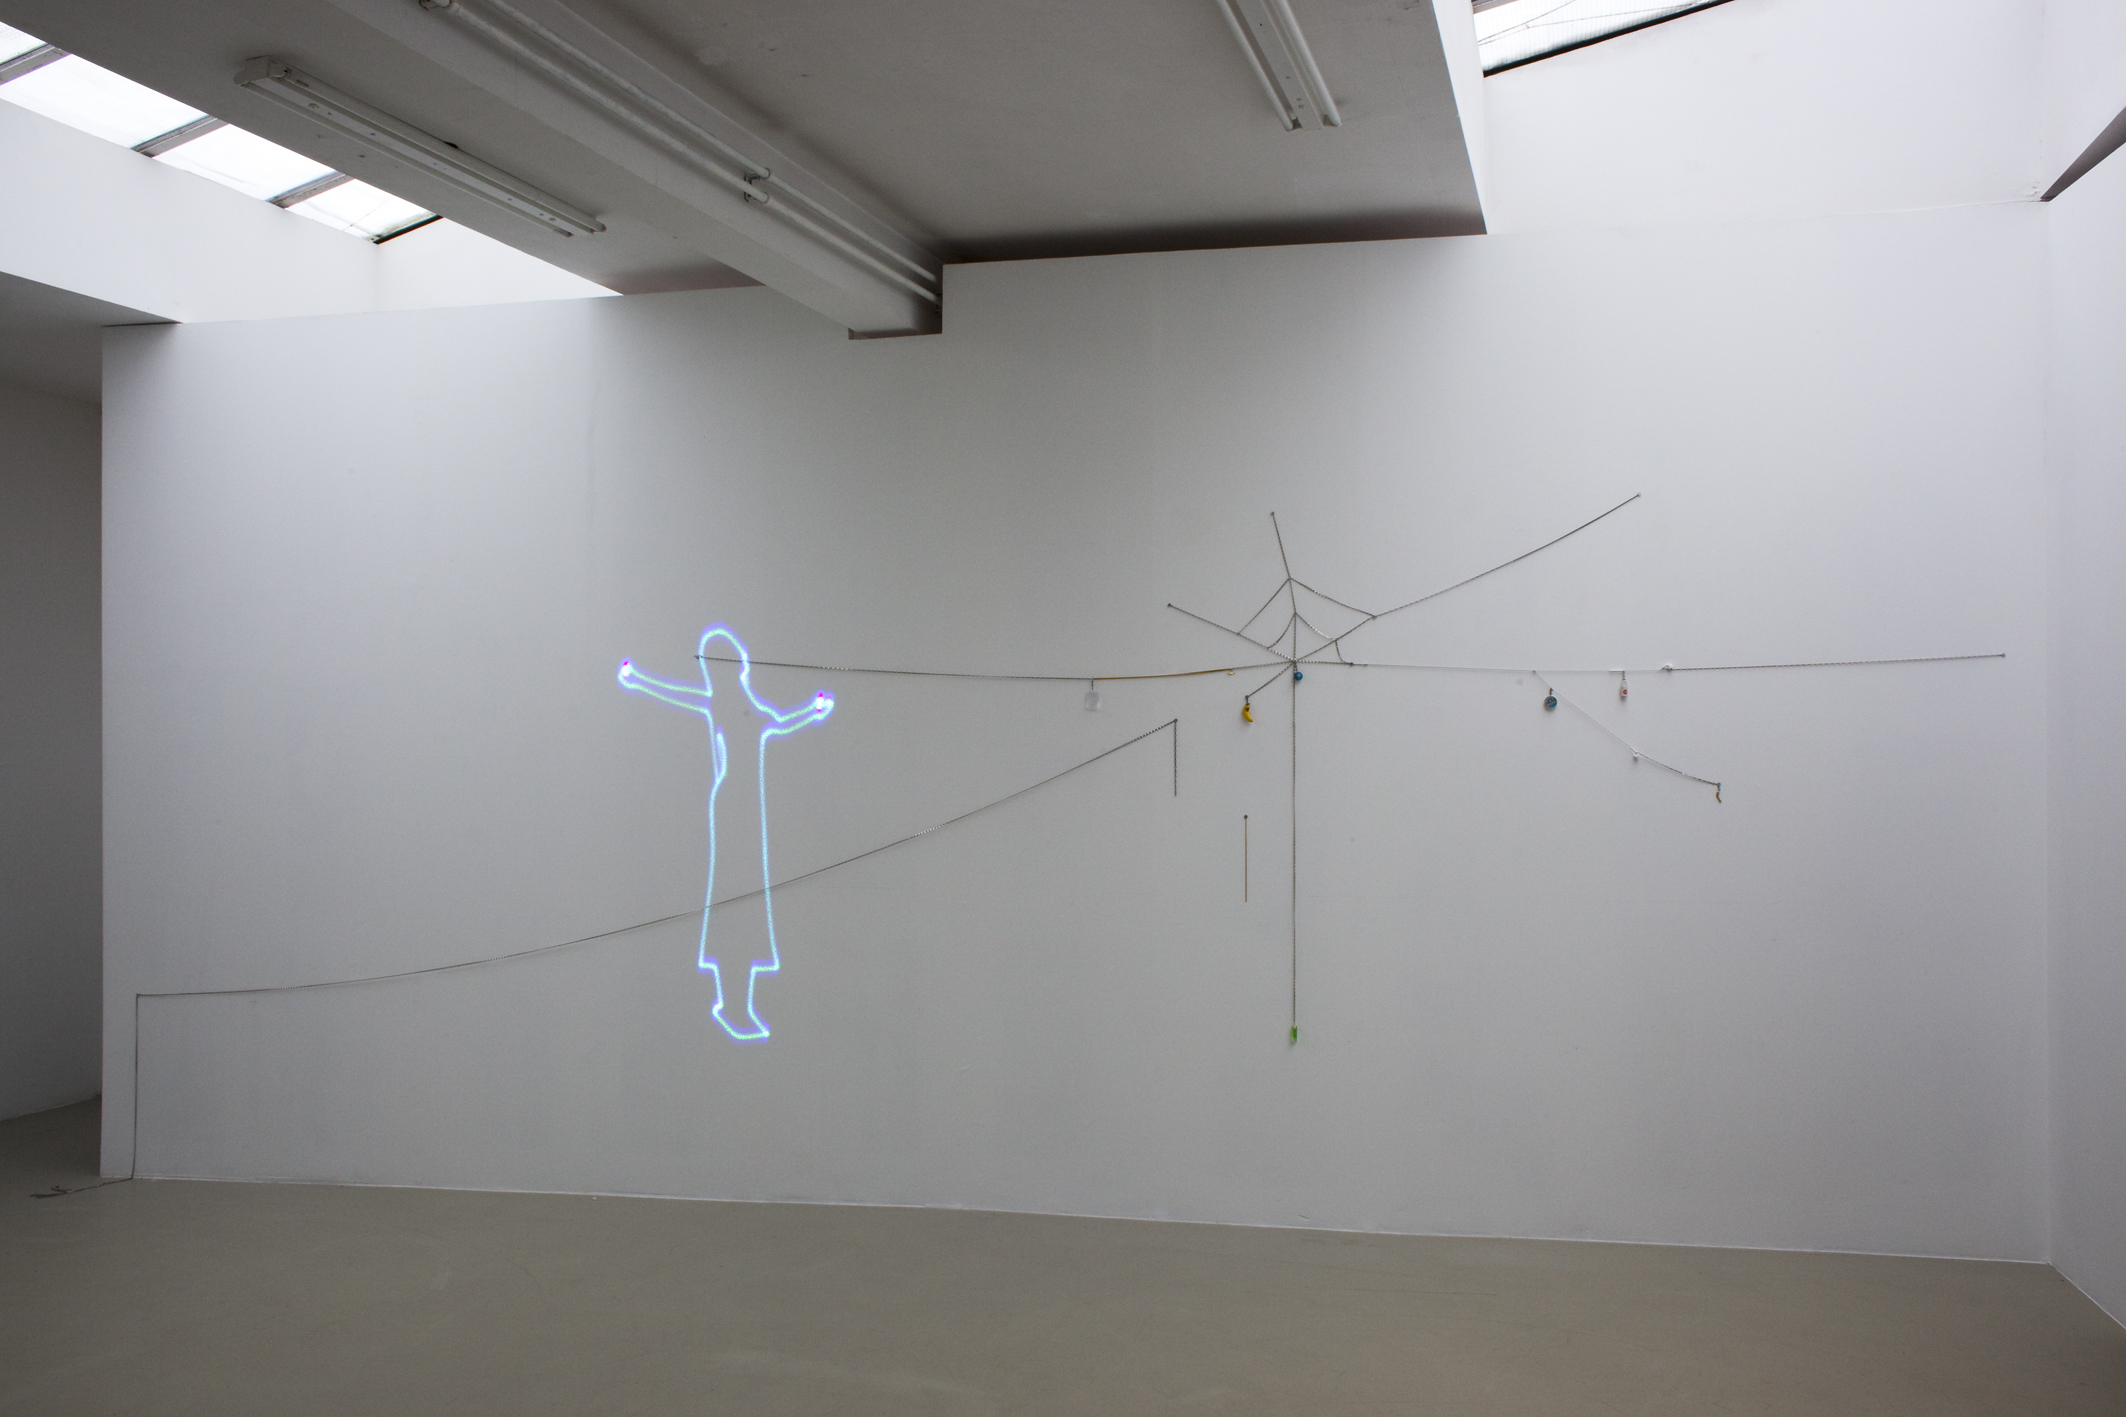 Installation view Juliette Jongma